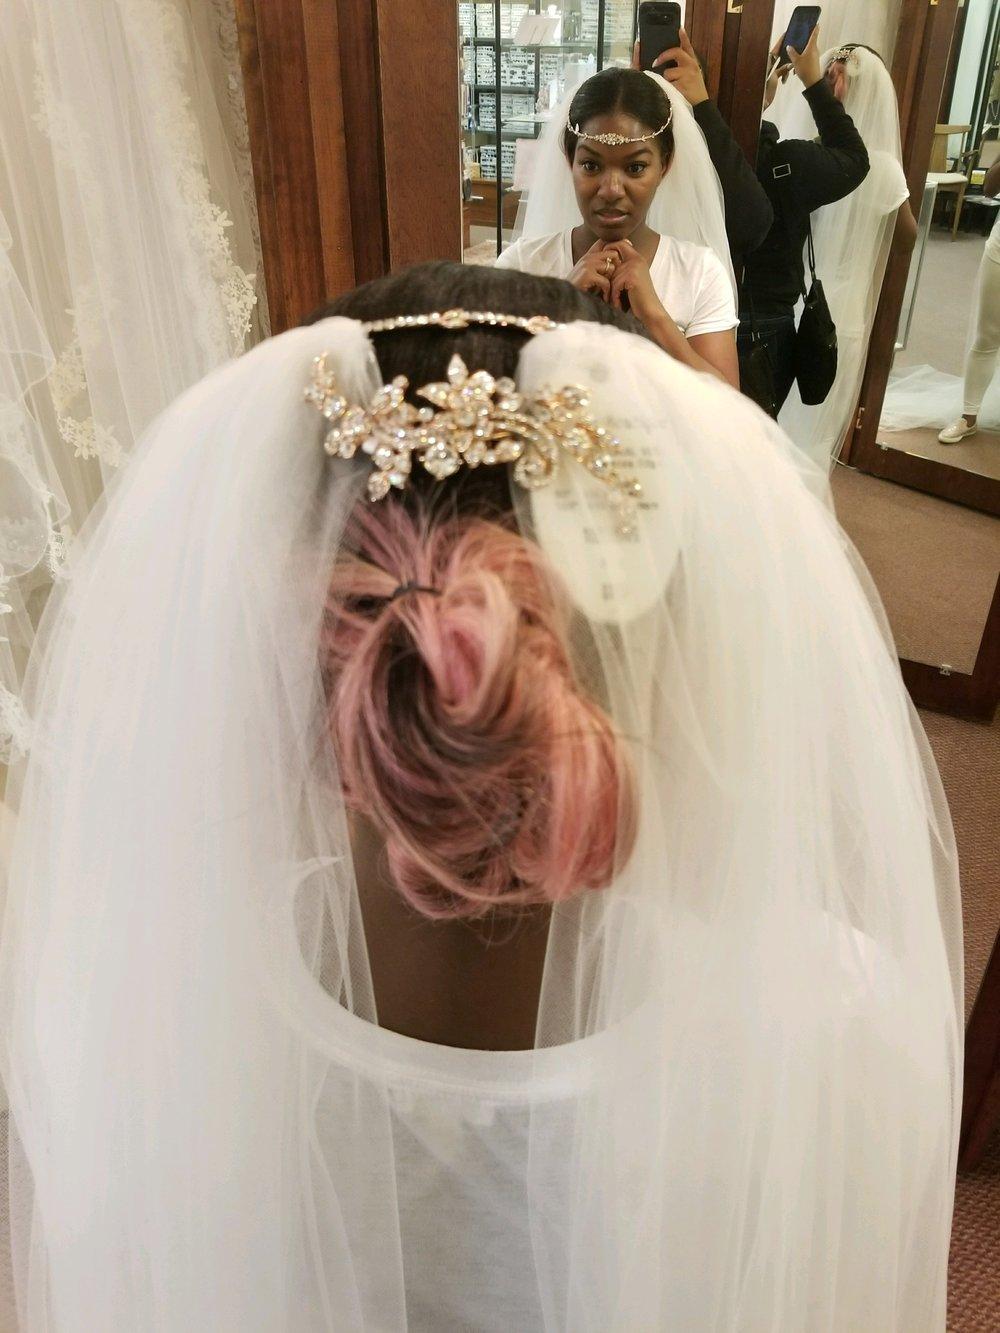 Black Destination Bride - BlackDesti Wedding Journal - Bridefriends Podcast -16 Headpiece 2 veils yes 5.JPG